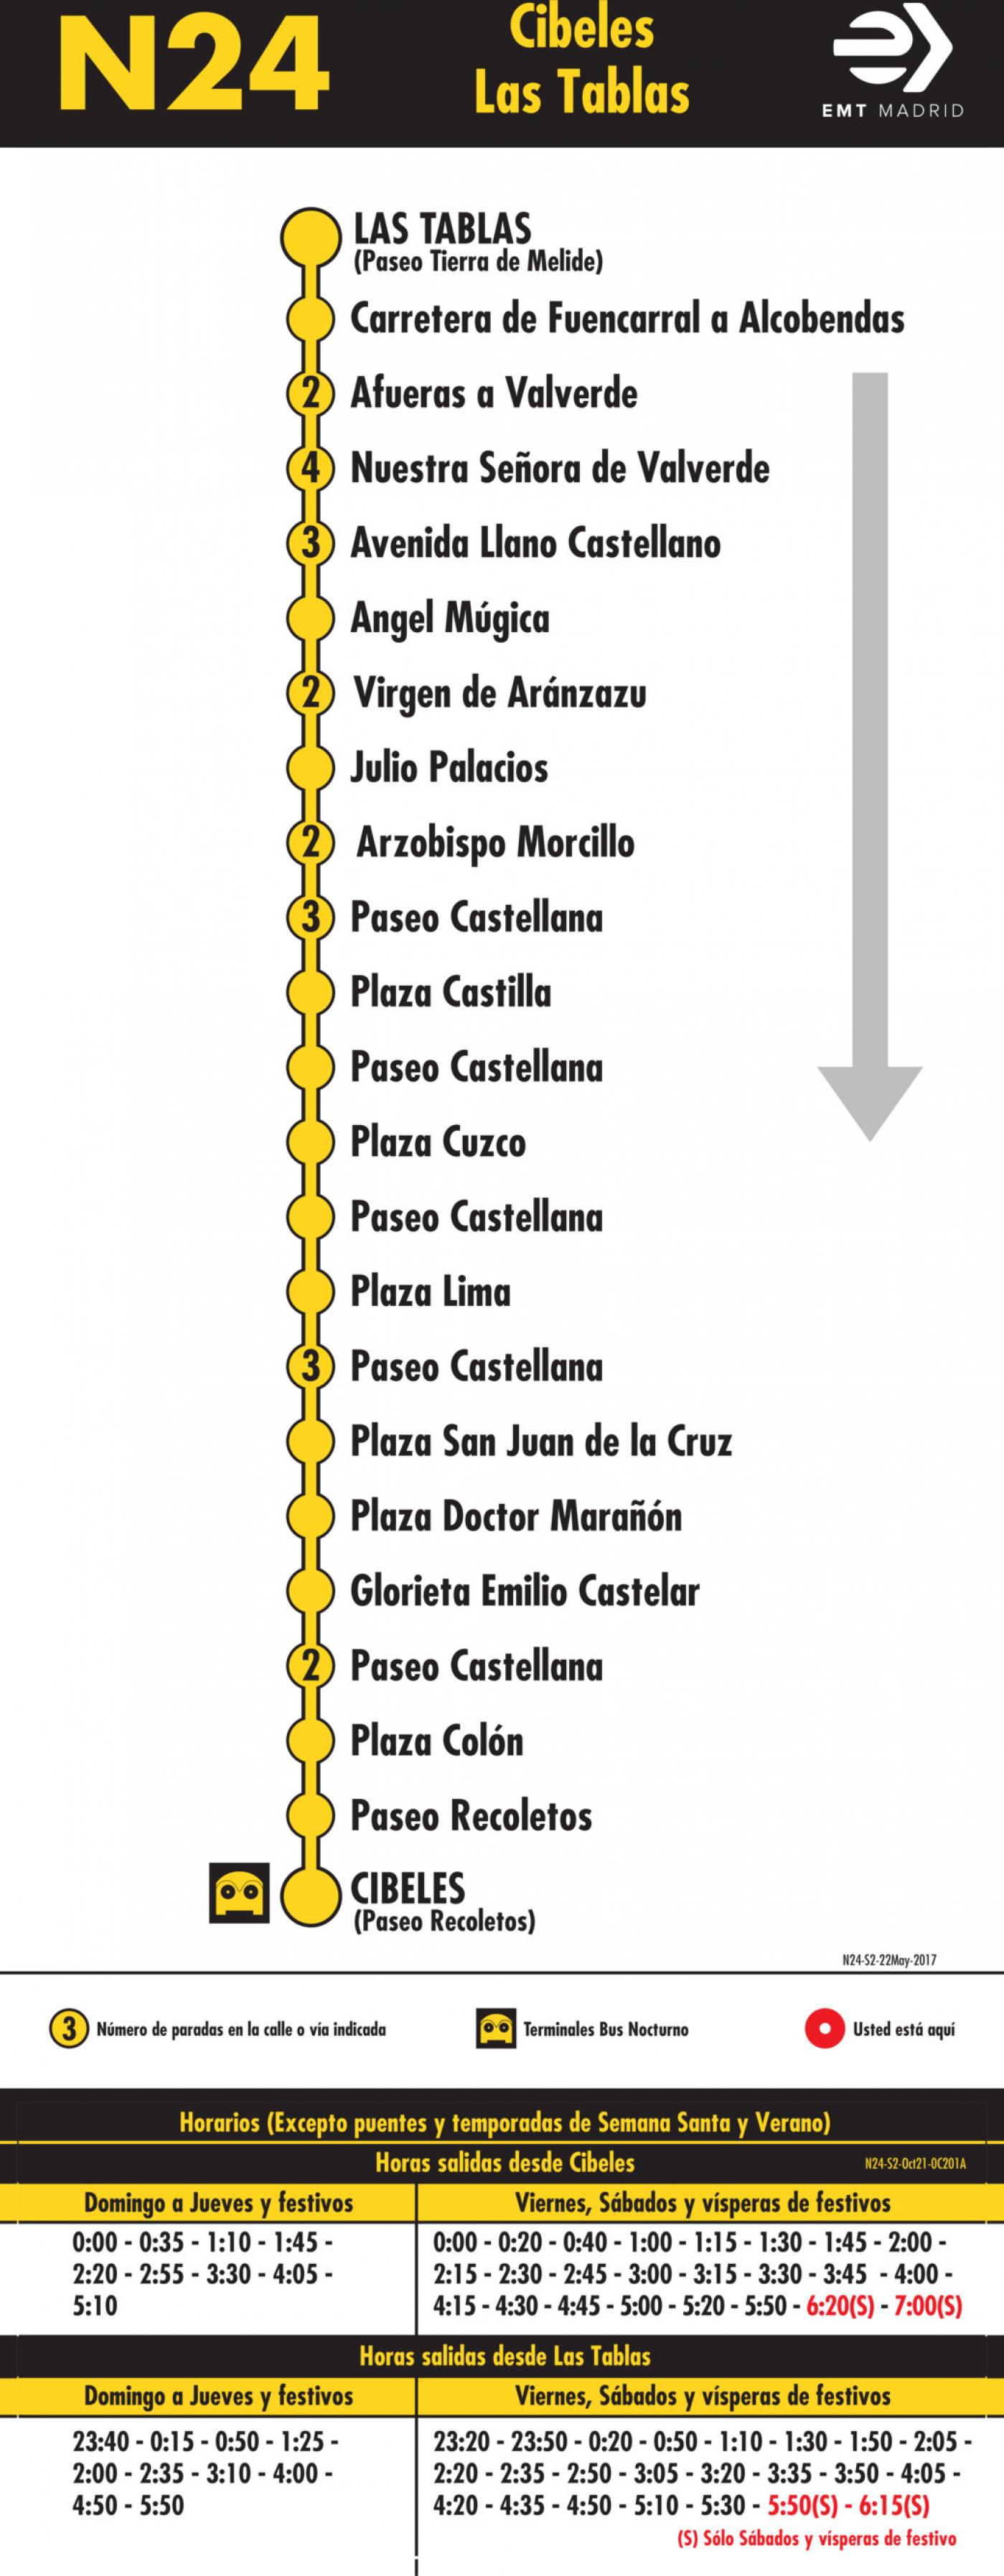 Tabla de horarios y frecuencias de paso en sentido vuelta Línea N24: Plaza de Cibeles - Las Tablas (búho)